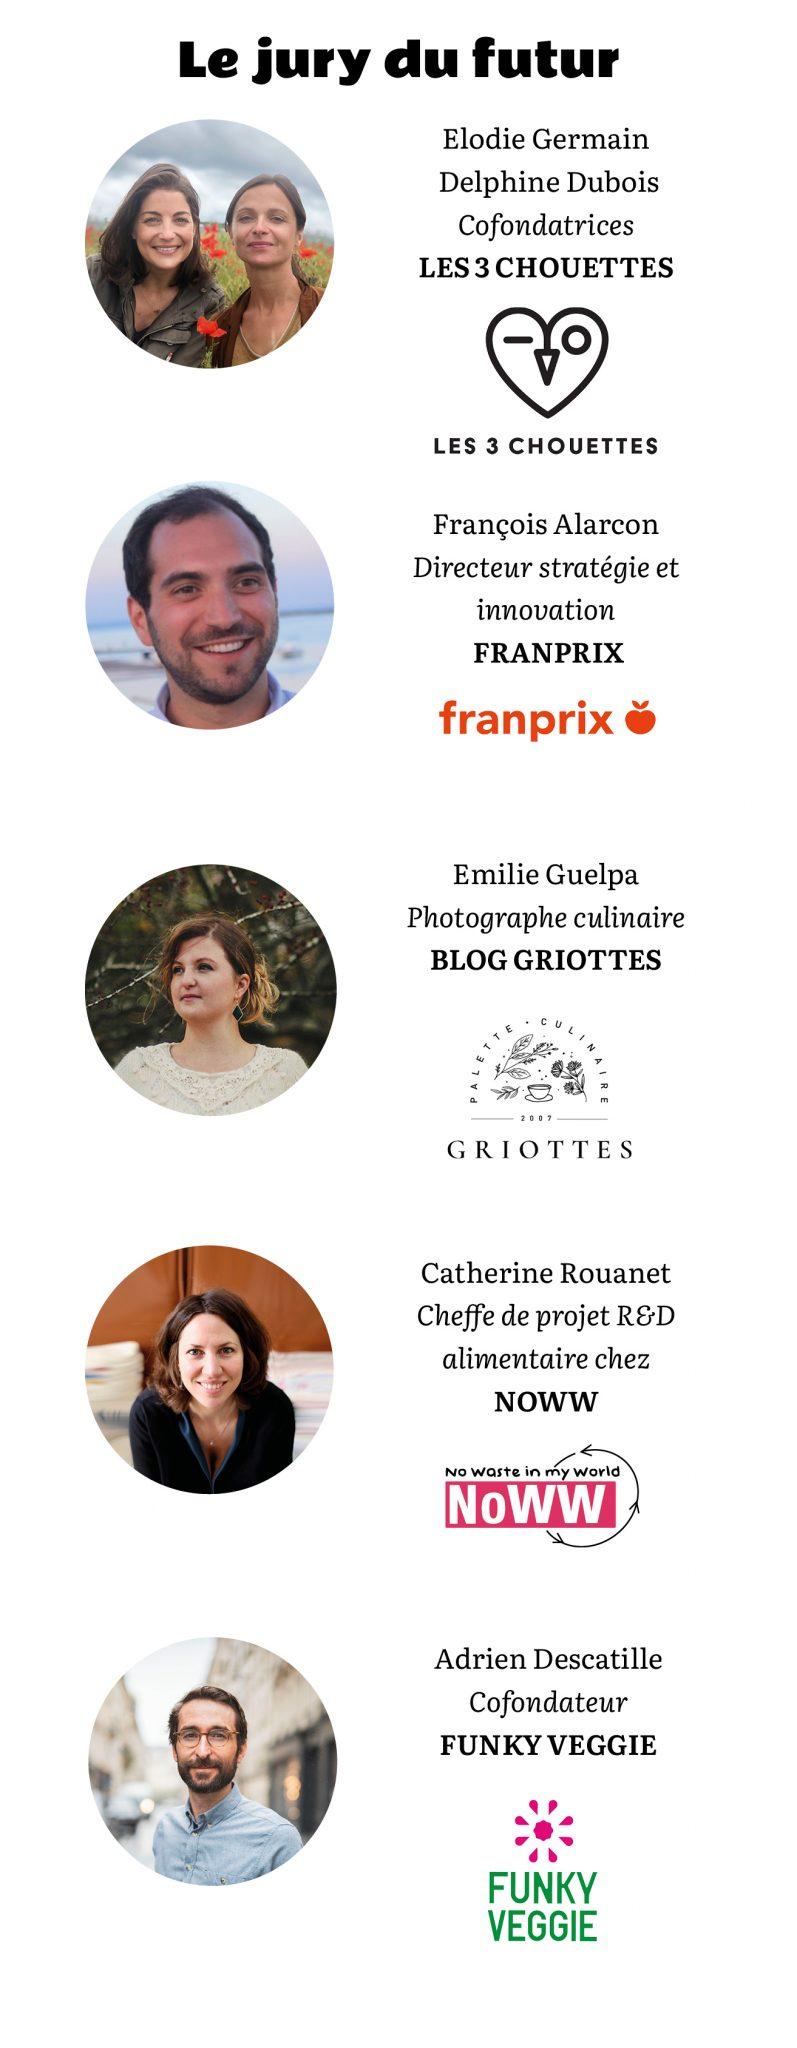 Portraits vertical blanctext 1 797x2048 1 - Le Futur du Miam : un concours qui s'adresse aux food makers de demain